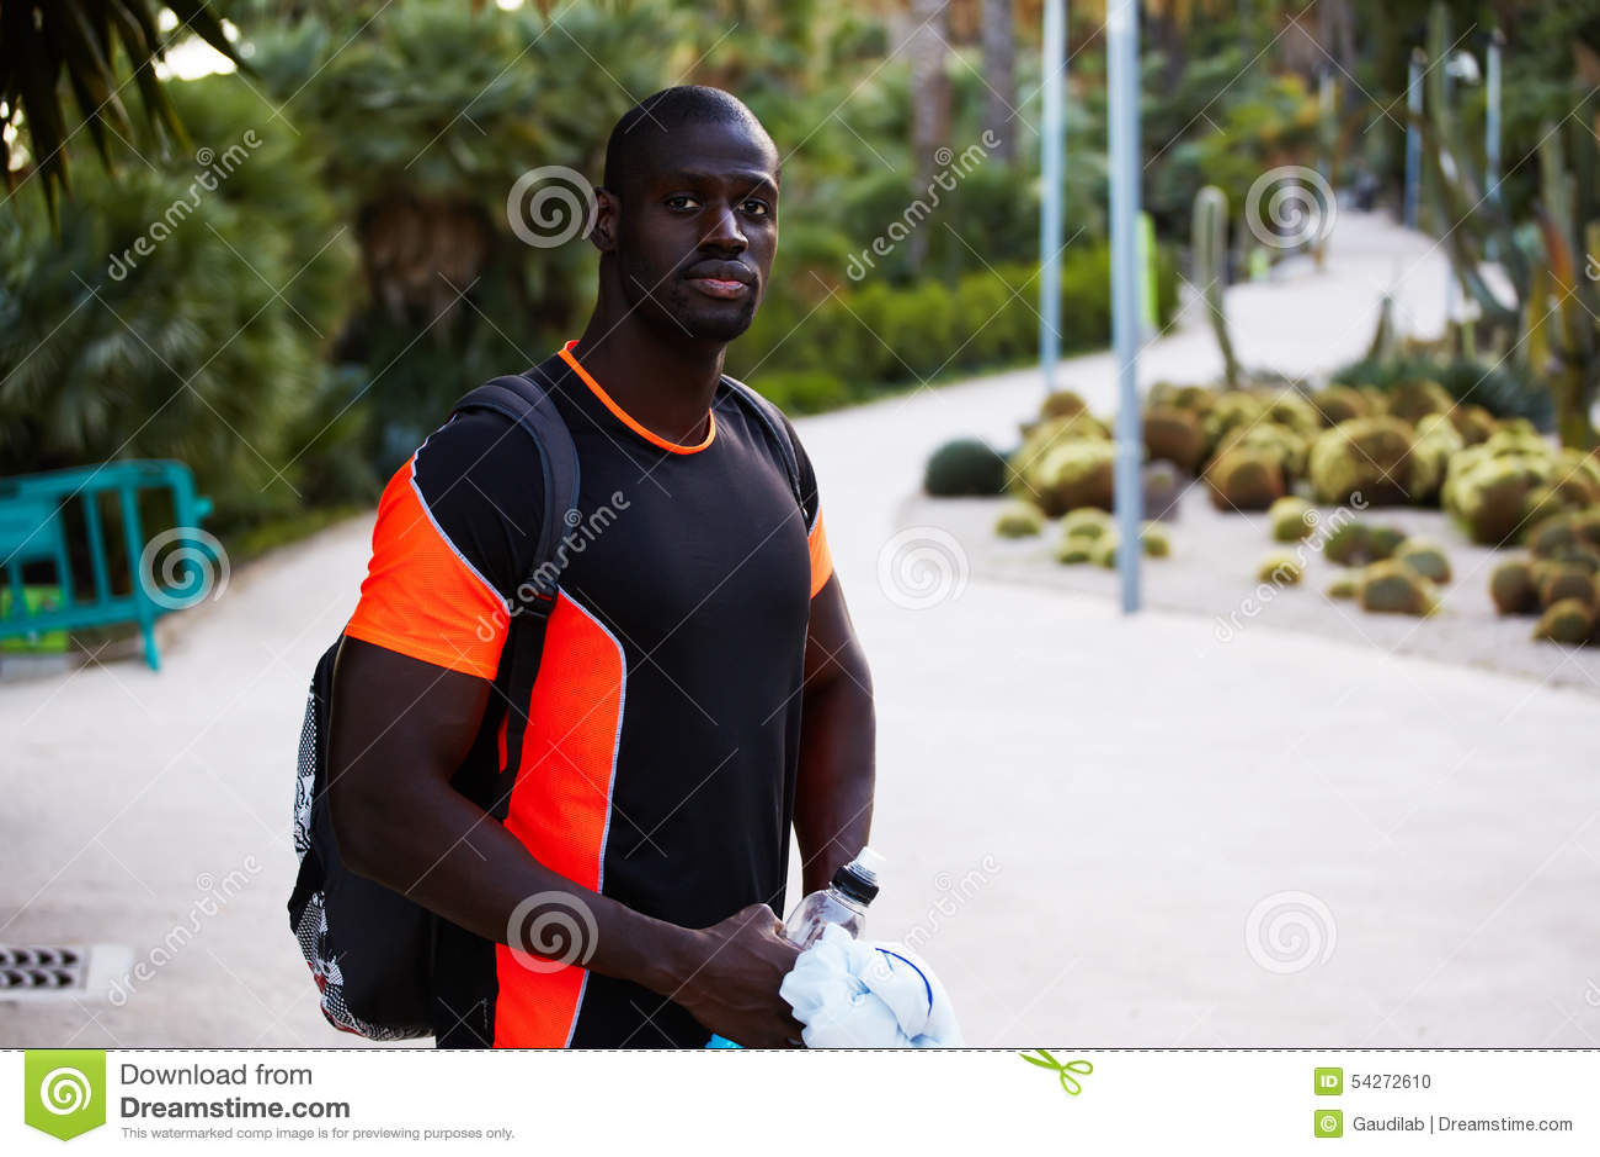 Een mooie donker-gevilde atleet gaat want in het park met een rugzak aanstoot